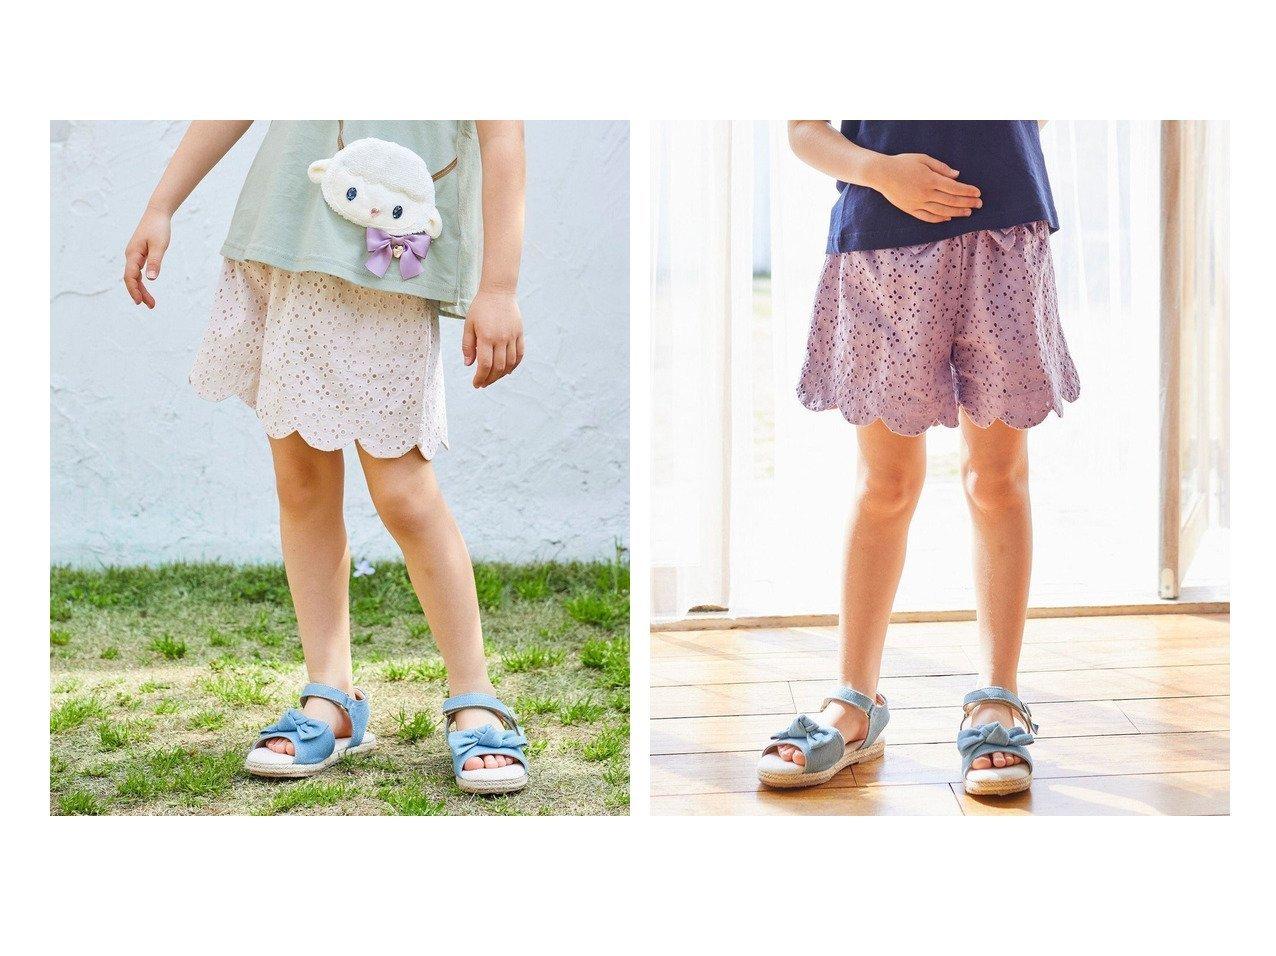 【anyFAM / KIDS/エニファム】のレーススカラップキュロット 【KIDS】子供服のおすすめ!人気トレンド・キッズファッションの通販 おすすめで人気の流行・トレンド、ファッションの通販商品 メンズファッション・キッズファッション・インテリア・家具・レディースファッション・服の通販 founy(ファニー) https://founy.com/ ファッション Fashion キッズファッション KIDS ボトムス Bottoms/Kids 春 Spring キュロット ショート スカラップ 人気 ポケット リボン レース 再入荷 Restock/Back in Stock/Re Arrival 送料無料 Free Shipping |ID:crp329100000037908